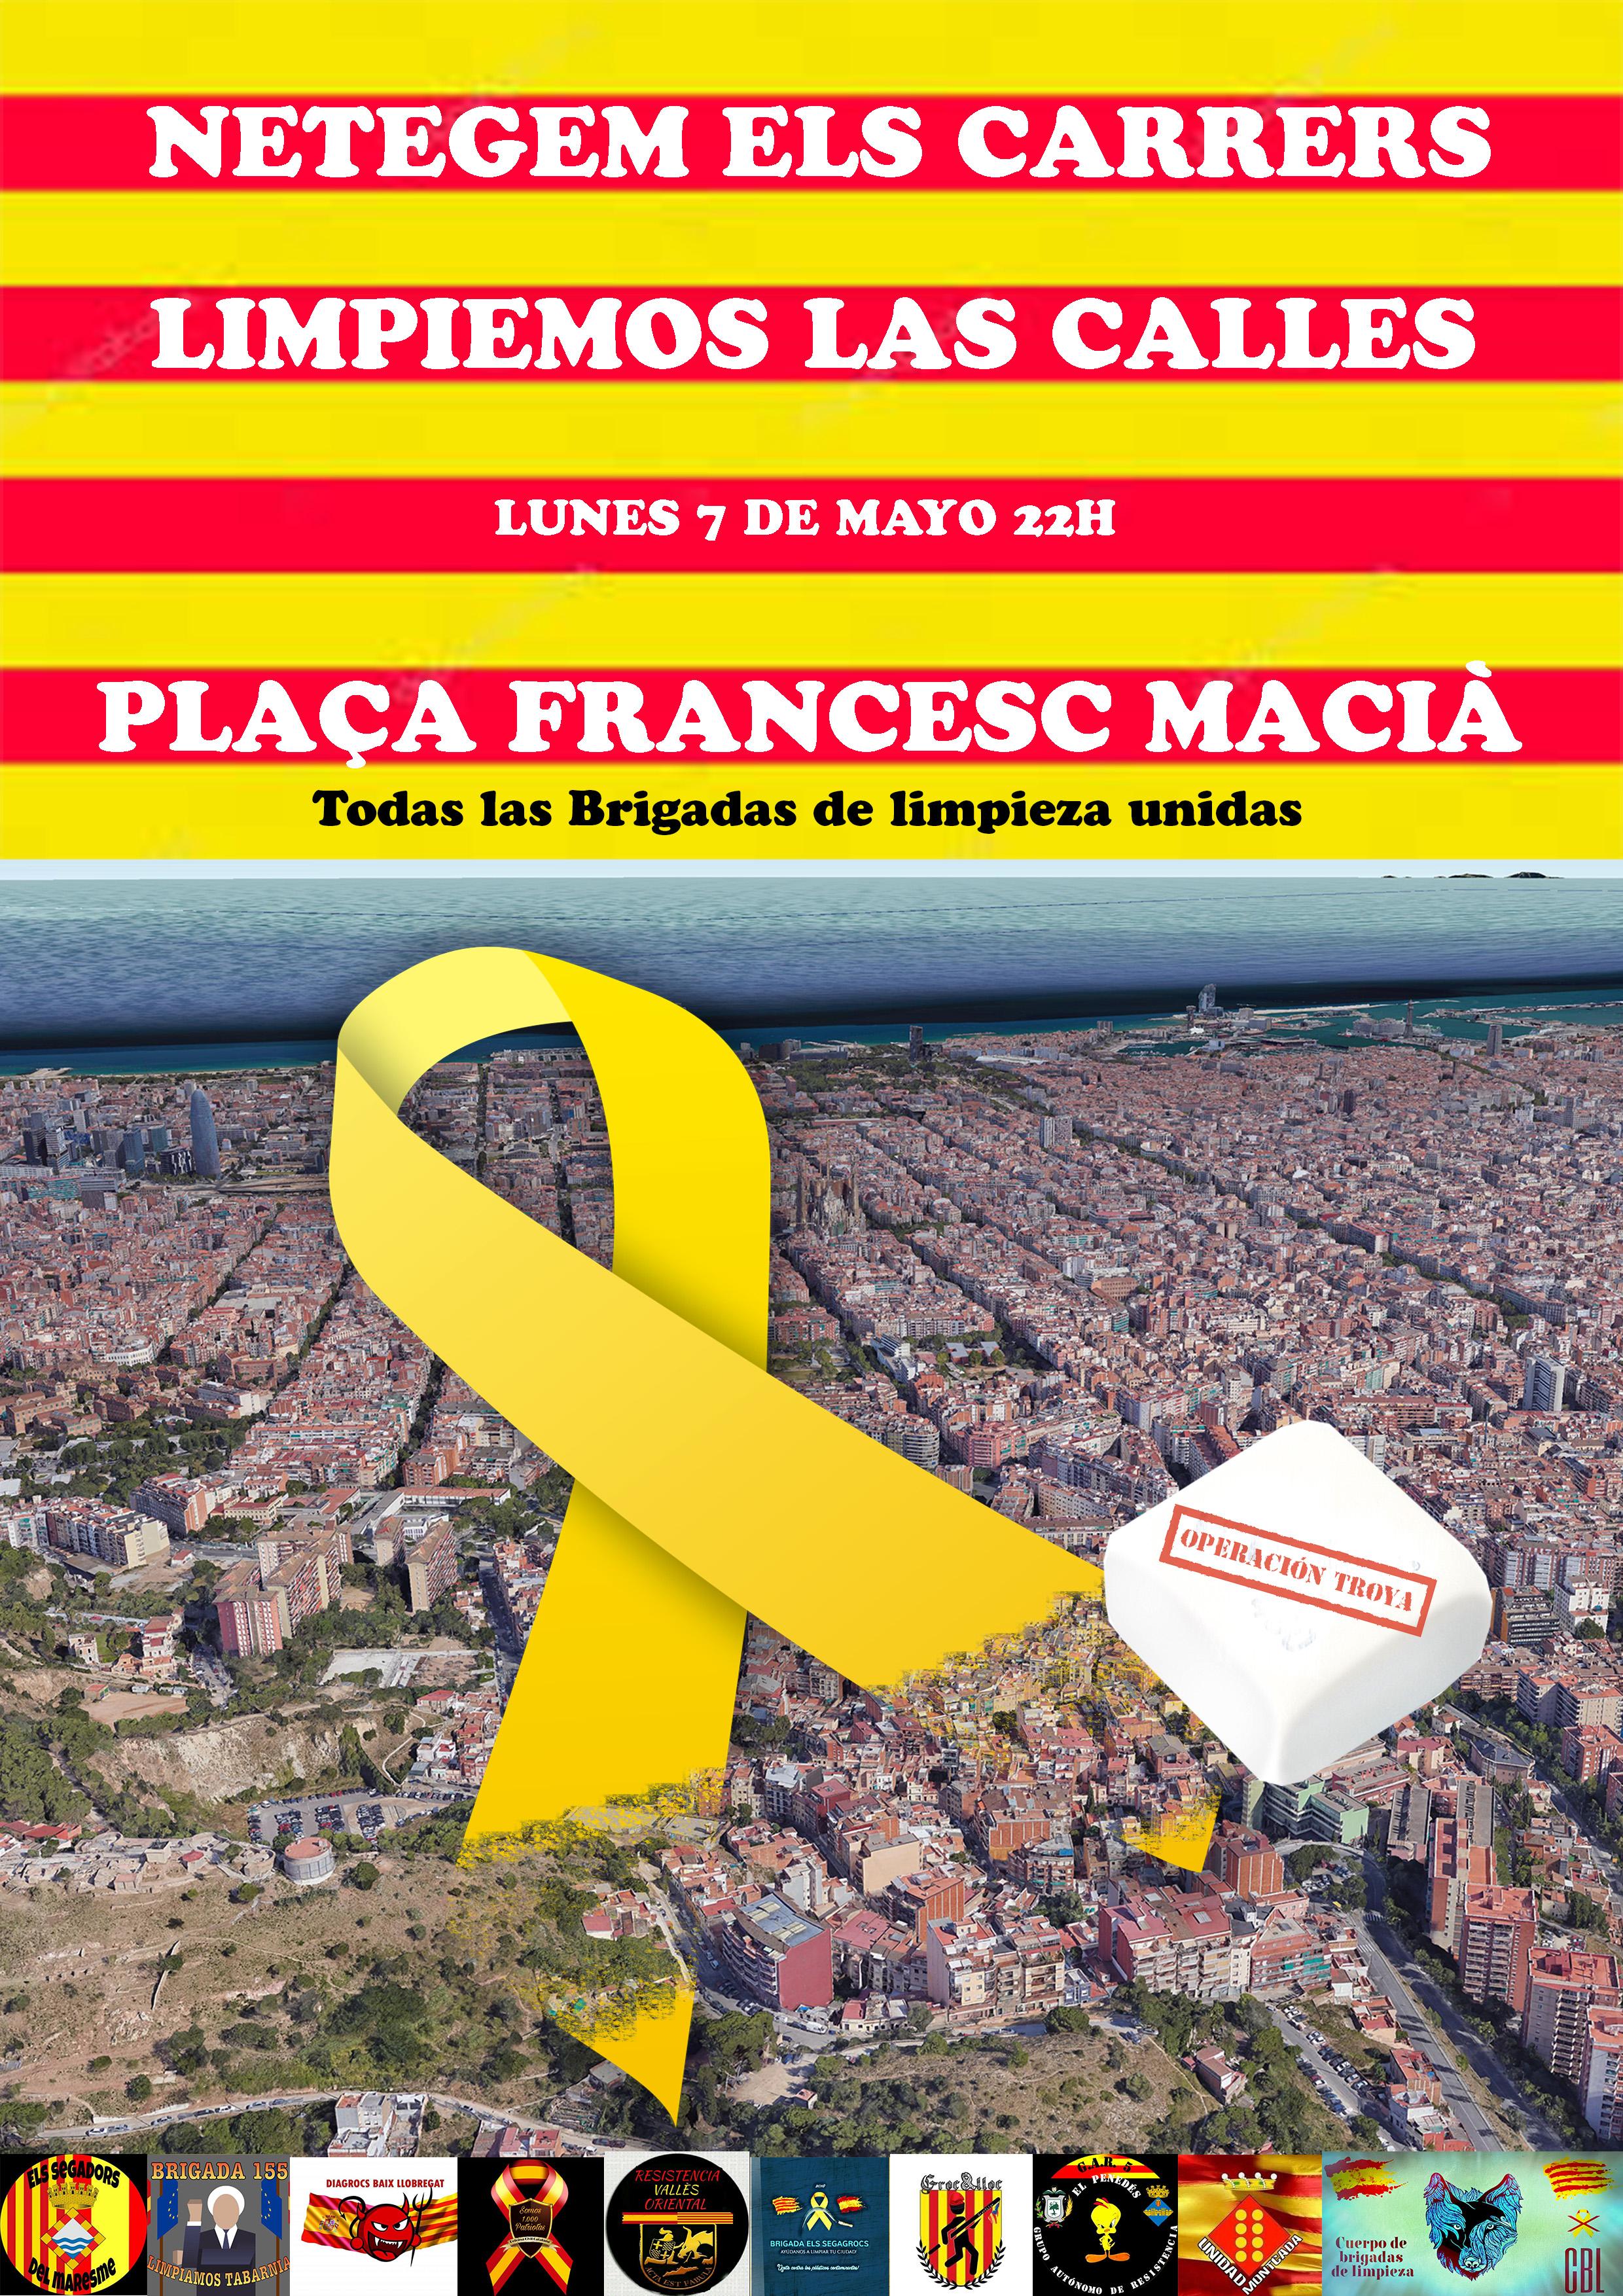 Cartel de la «Operación Troya» contra la contaminante amarilla neonazi republicana